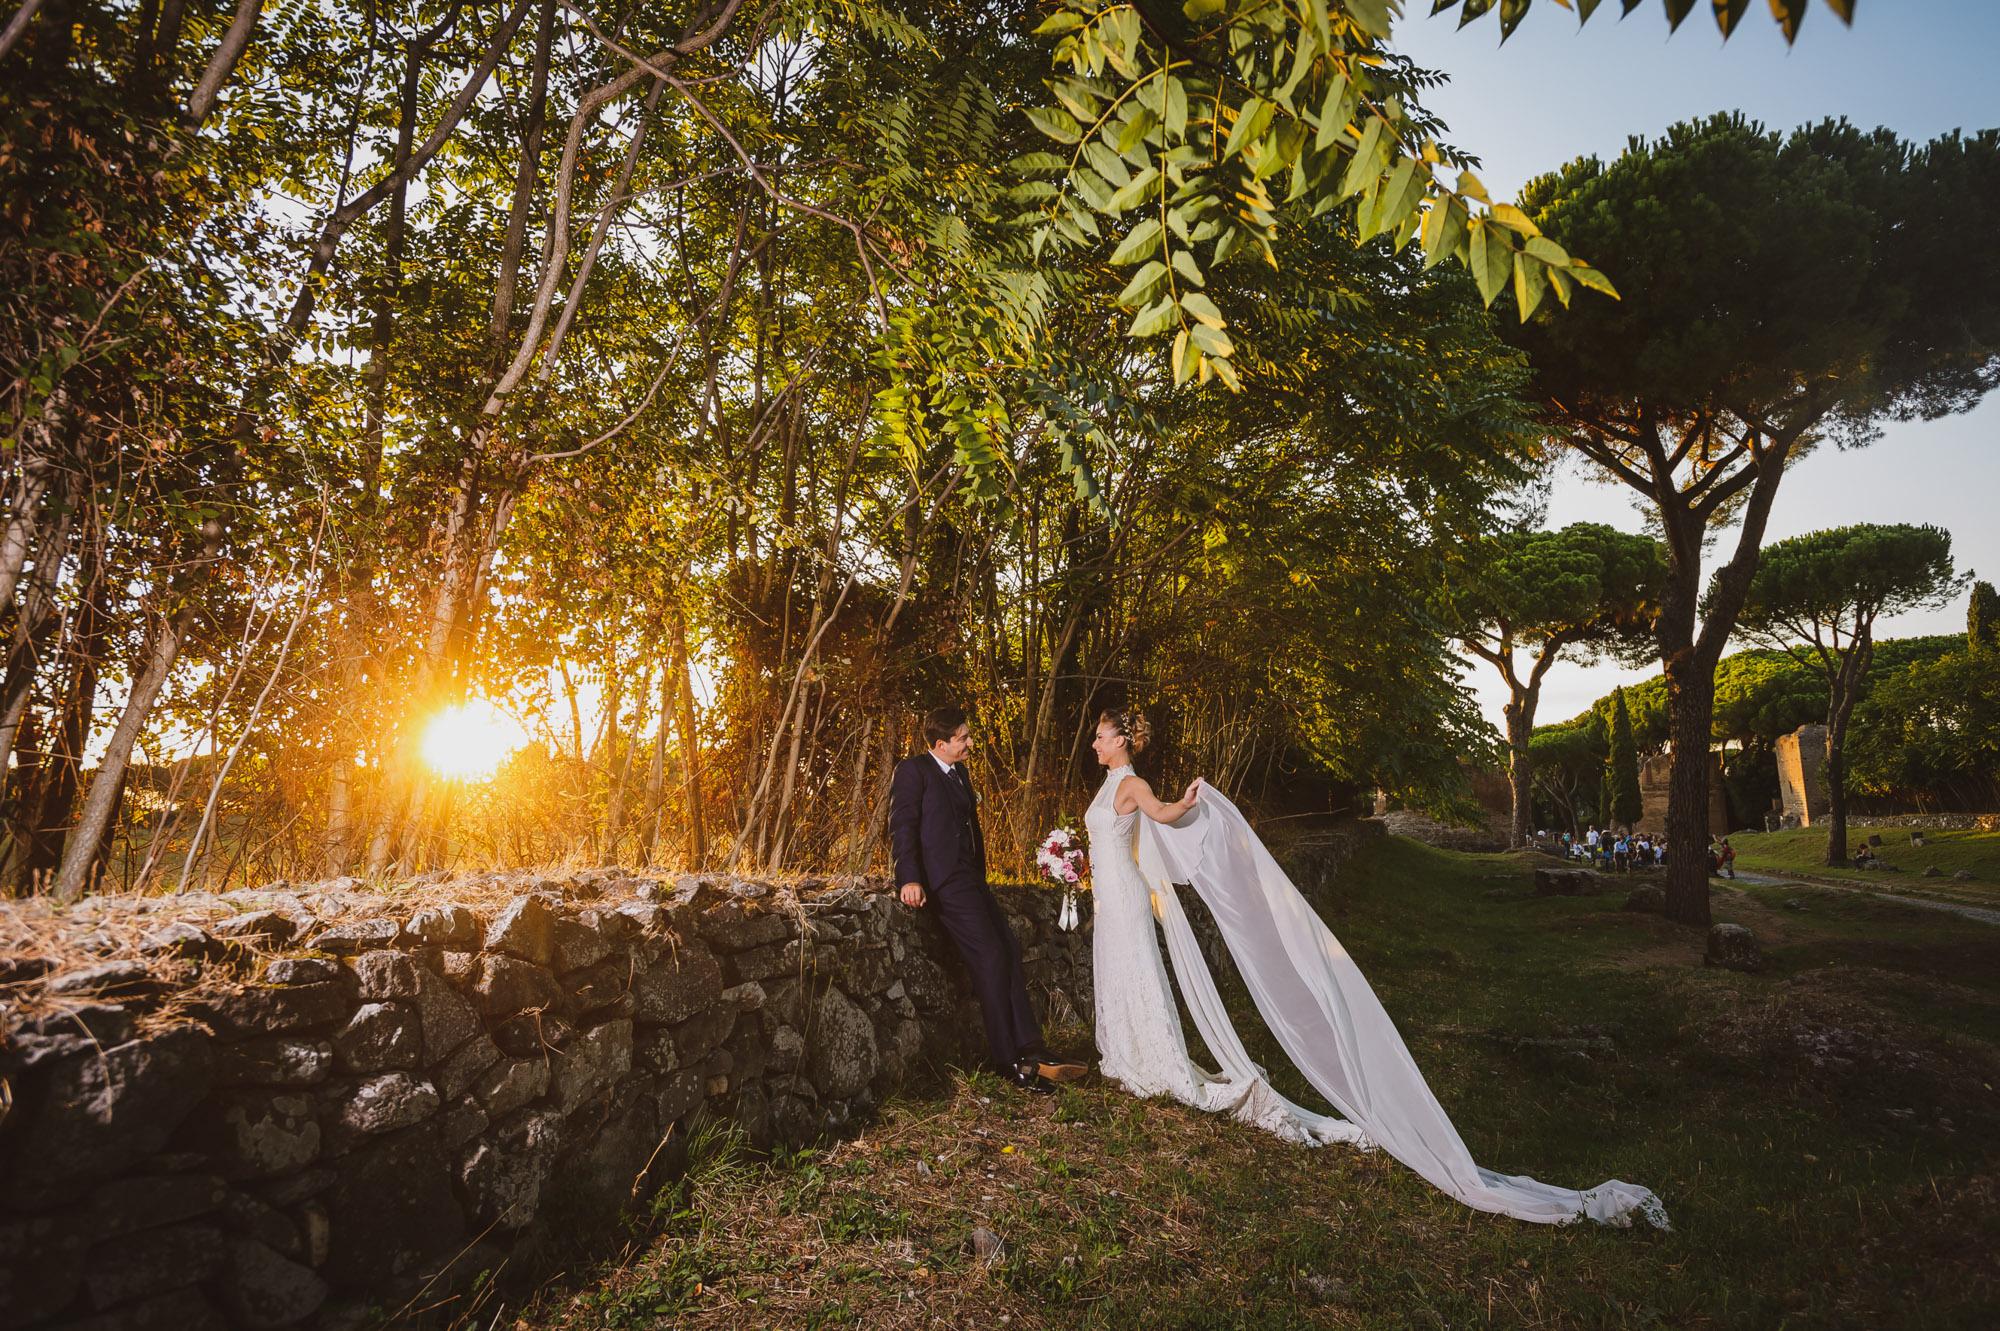 loretifoto – villa rosantica – sant alessio aventino – reportage matrimonio roma-35